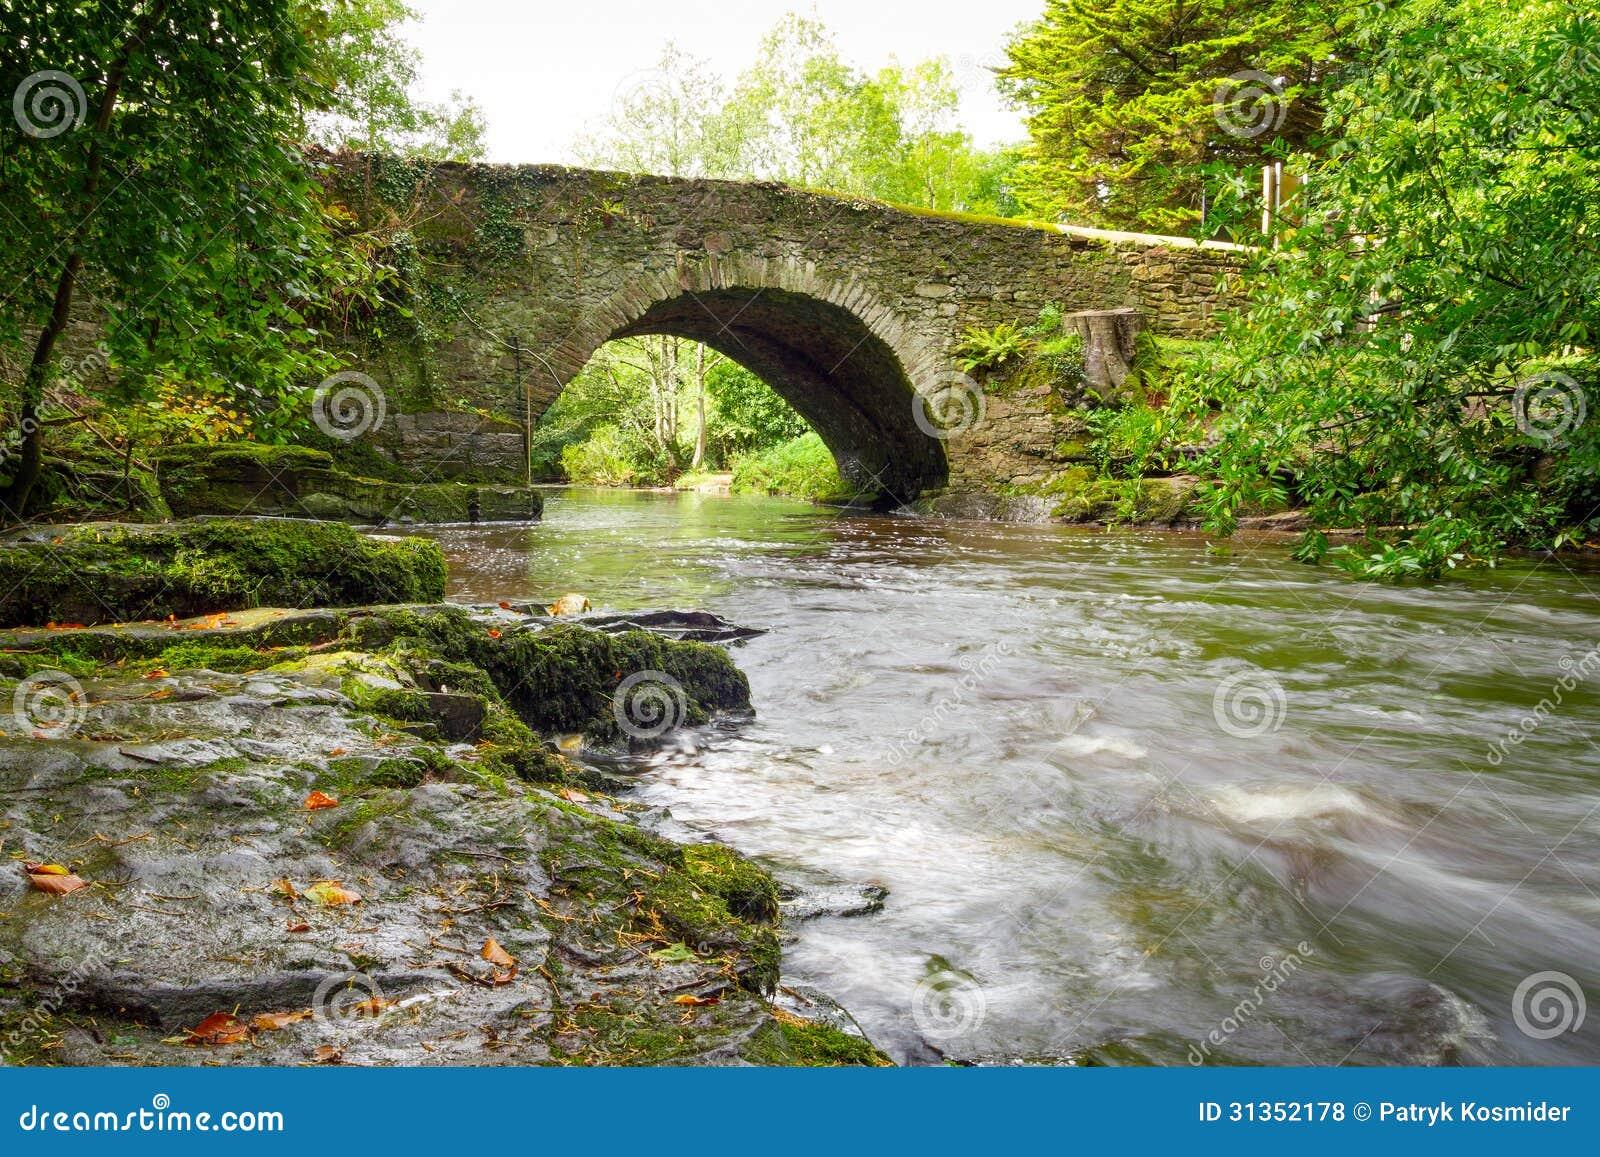 克莱尔幽谷美丽的小河